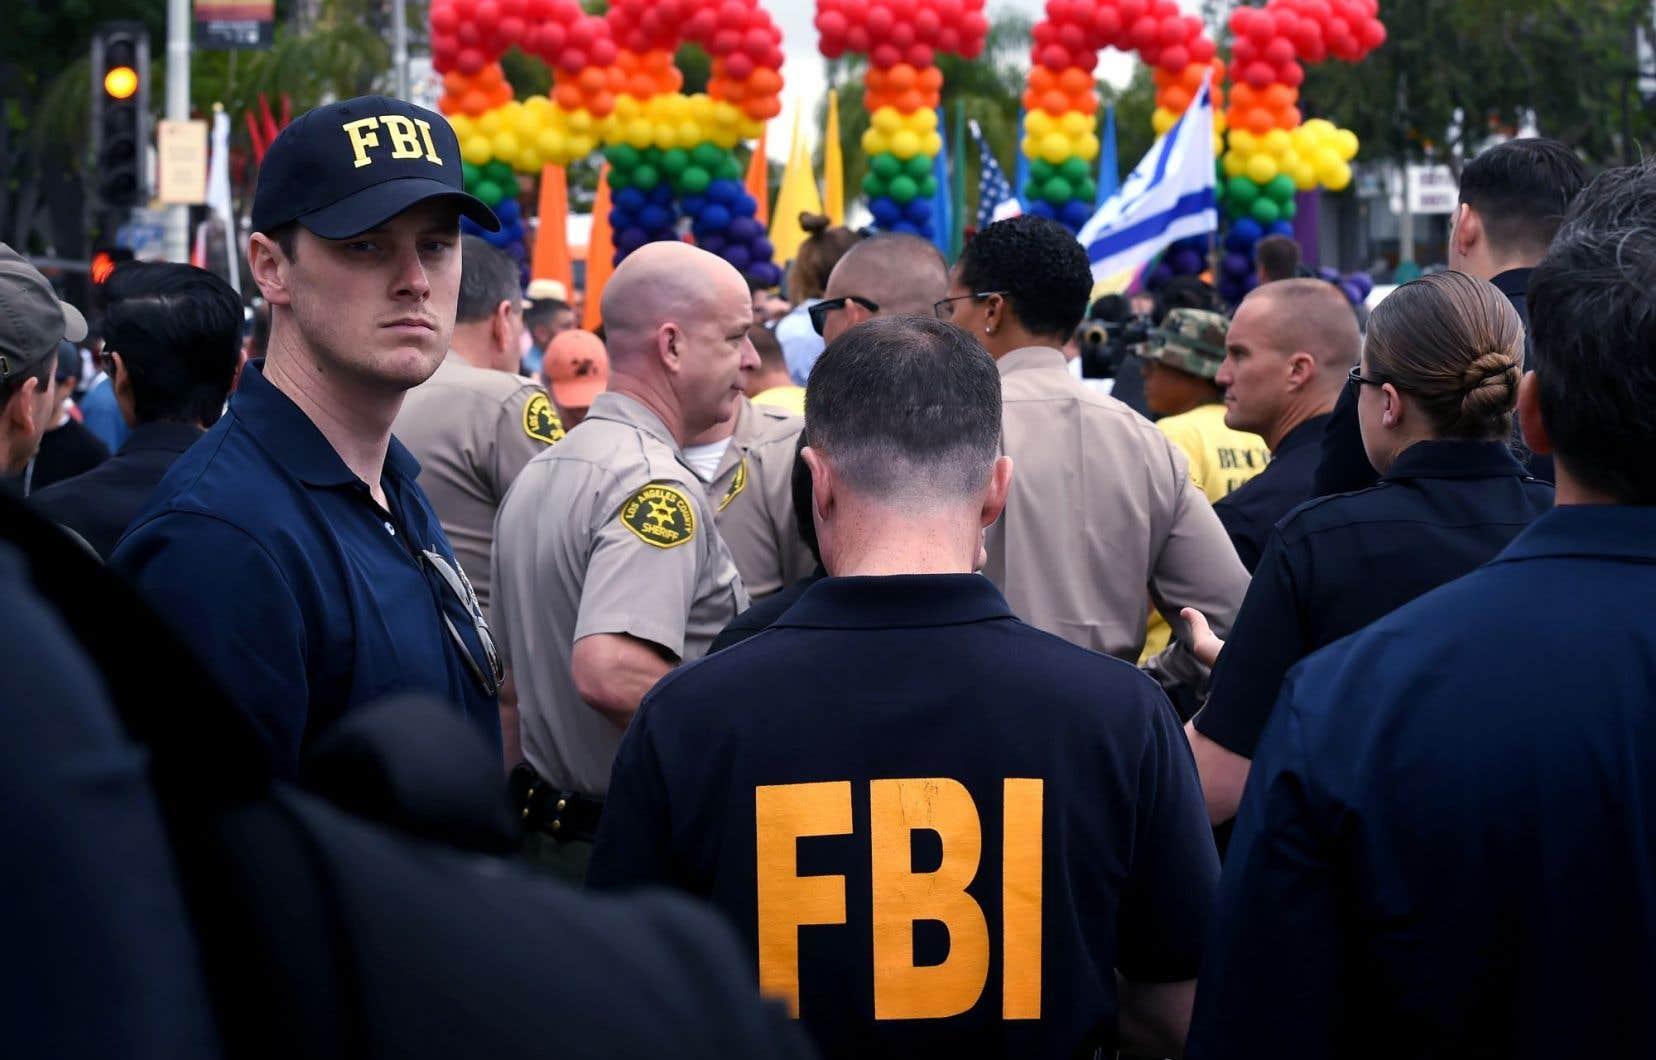 «Je ne trouve rien, en revoyant notre travail, qui indique que nos agents auraient dû agir différemment», a affirmé le directeur du FBI, James Comey.